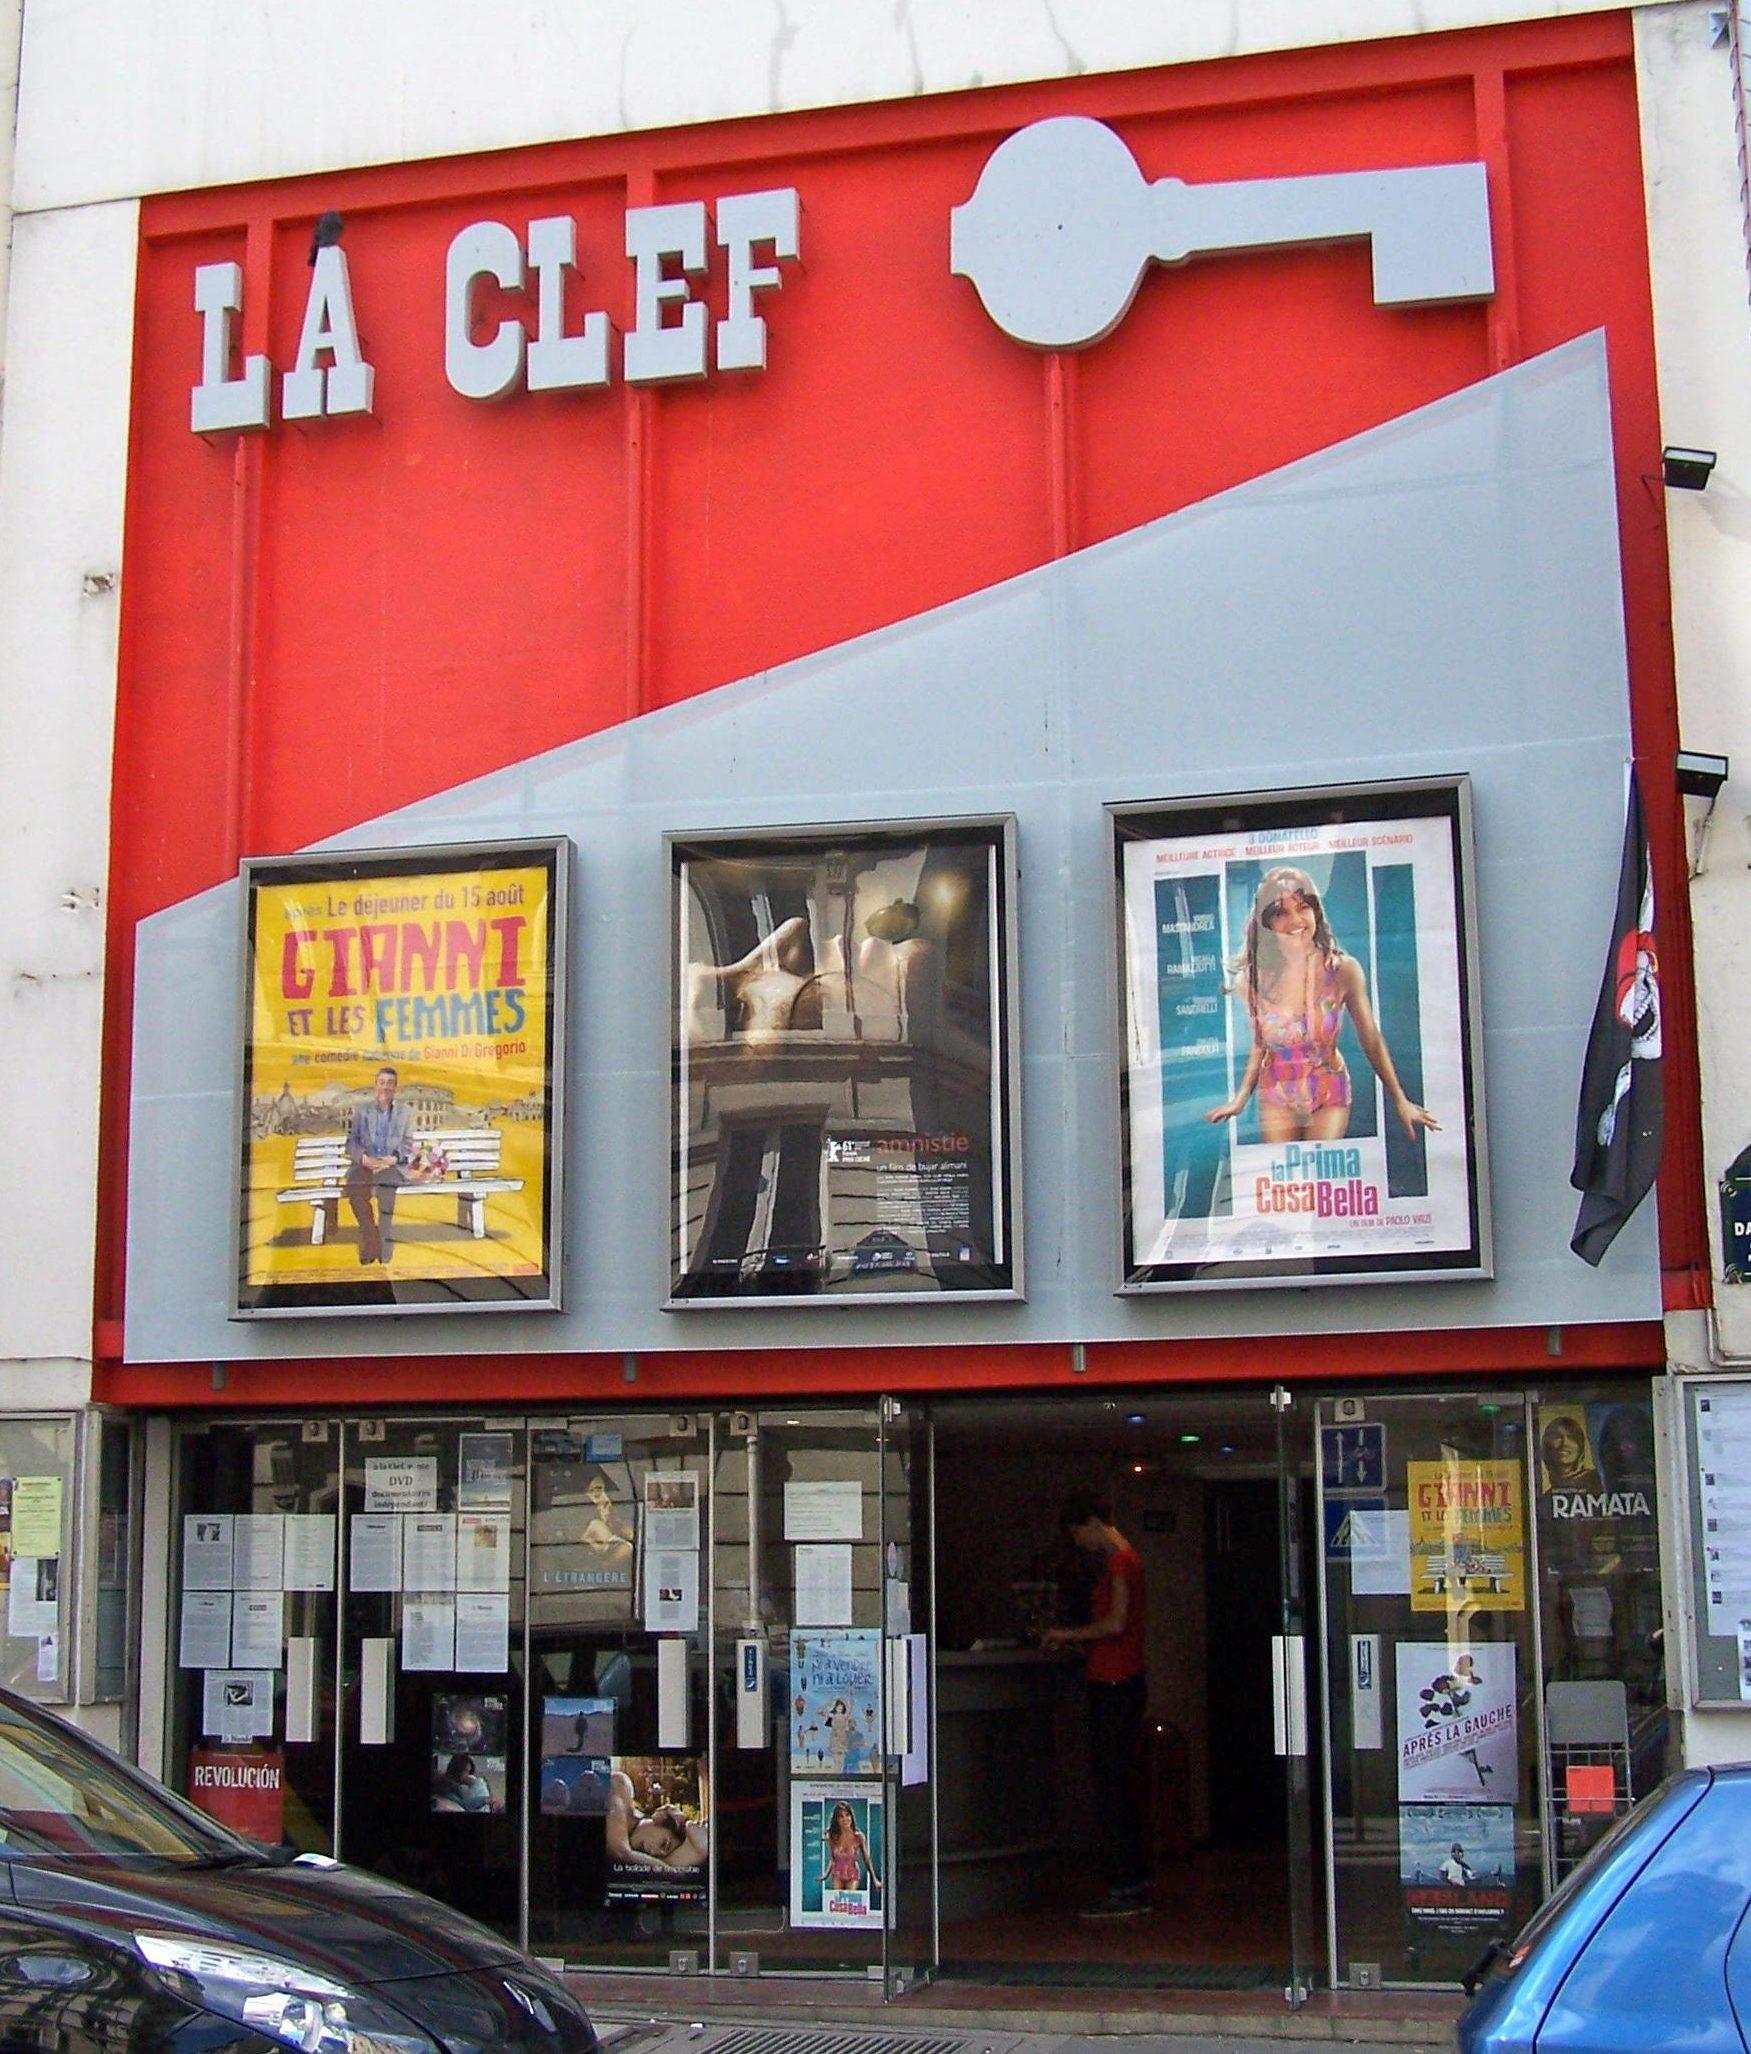 La facade du cinéma La Clef dans le Vème arrondissement de Paris. Photographie : Créative Commons.